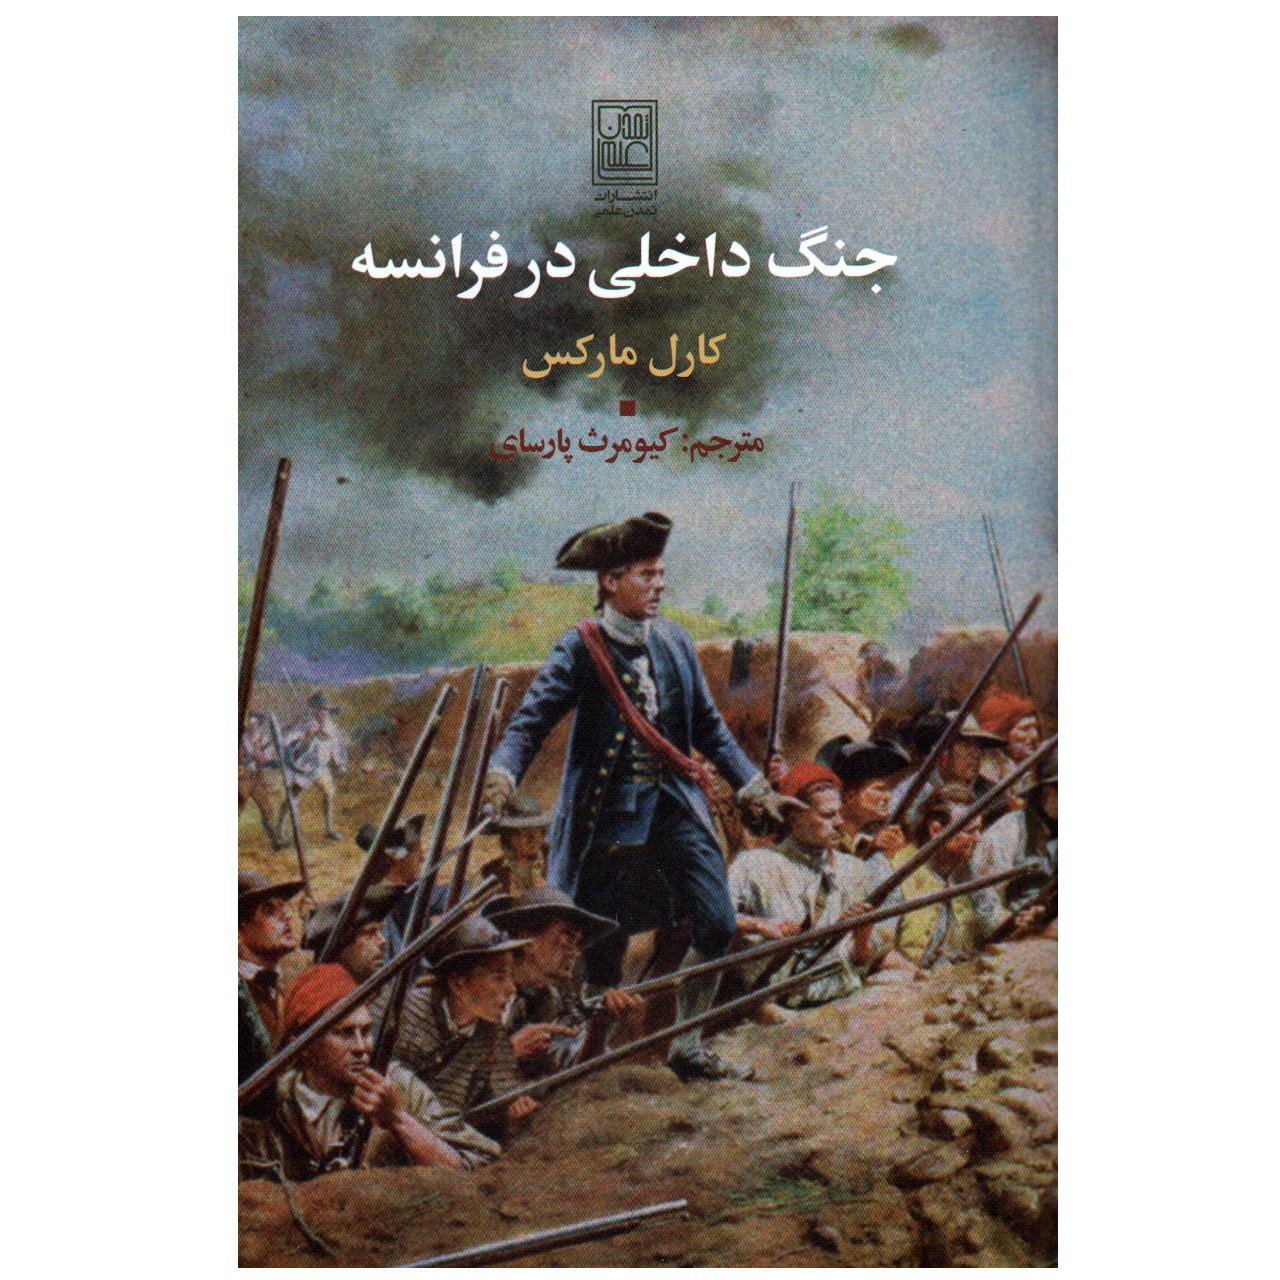 کتاب جنگ داخلی در فرانسه اثر کارل مارکس انتشارات تمدن علمی